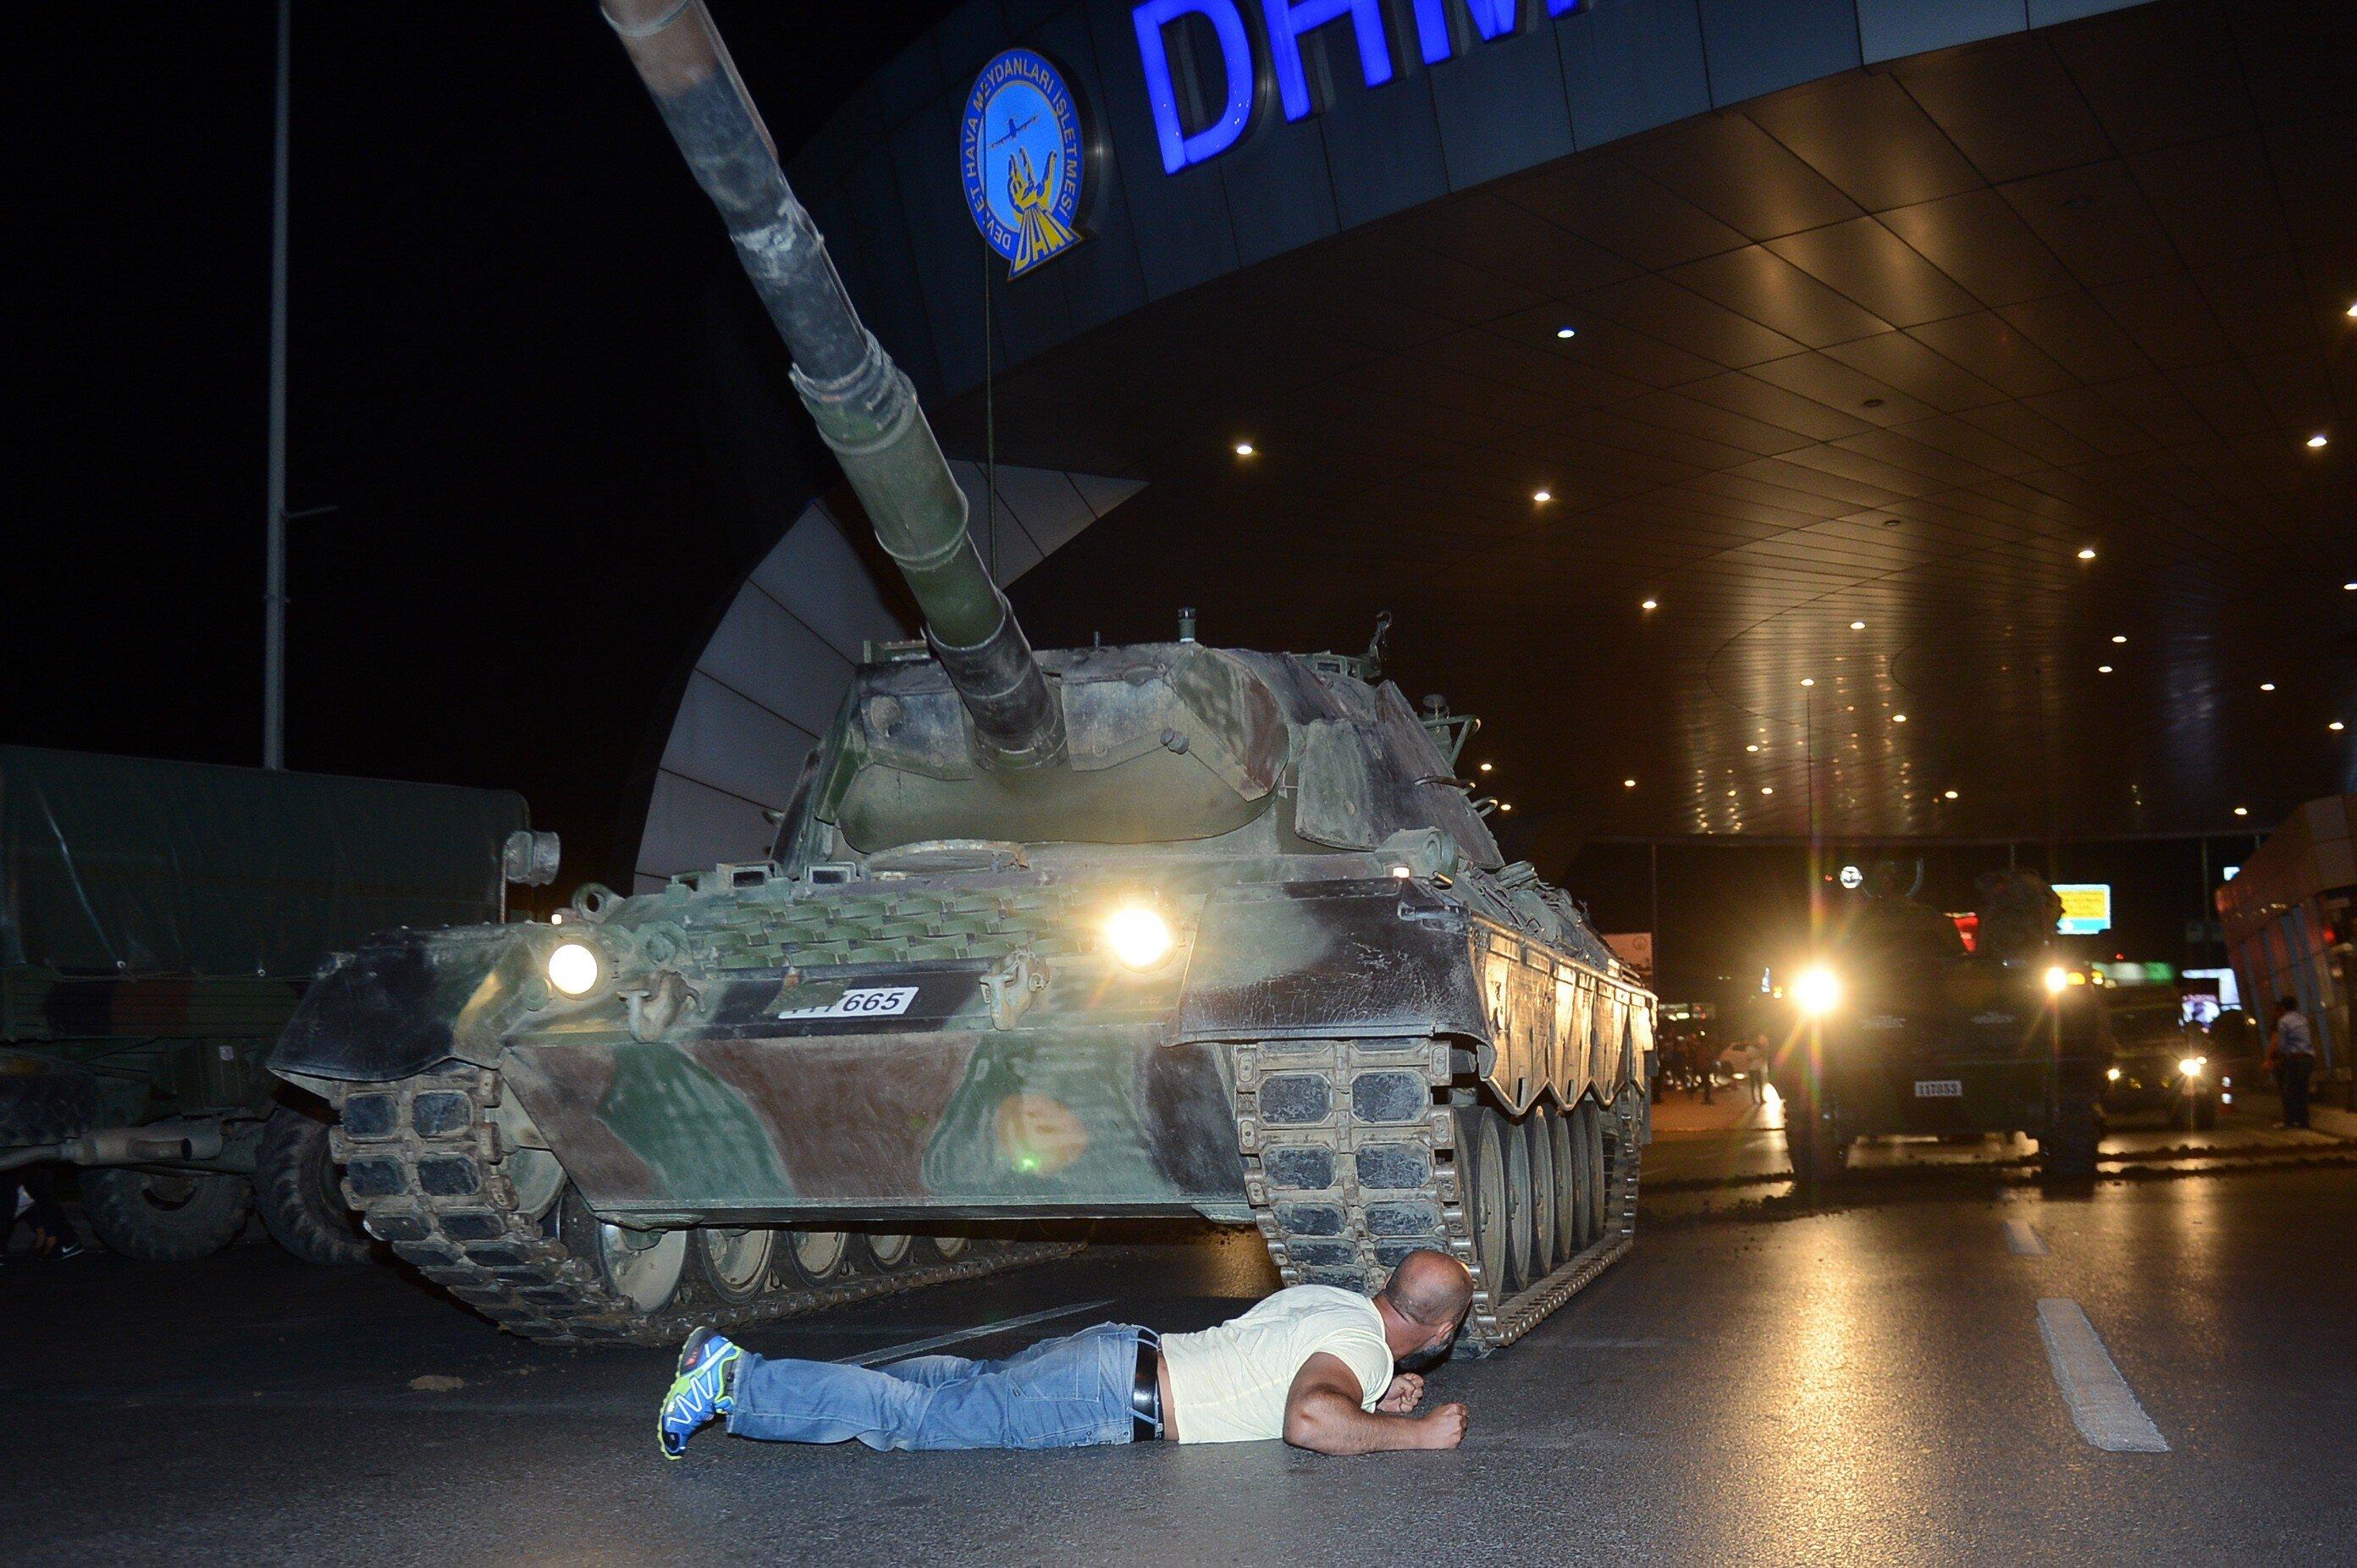 """Darbe girişimi gecesi tankın önüne yatarak sembol olan Metin Doğan, darbeci askerlerin kendisini tankın önünden çekilmezse vurmakla tehdit ettiğini, kendisinin de """"Ben Türk askeriyim, siz kimsiniz"""" diyerek karşılık verdiğini söyledi."""